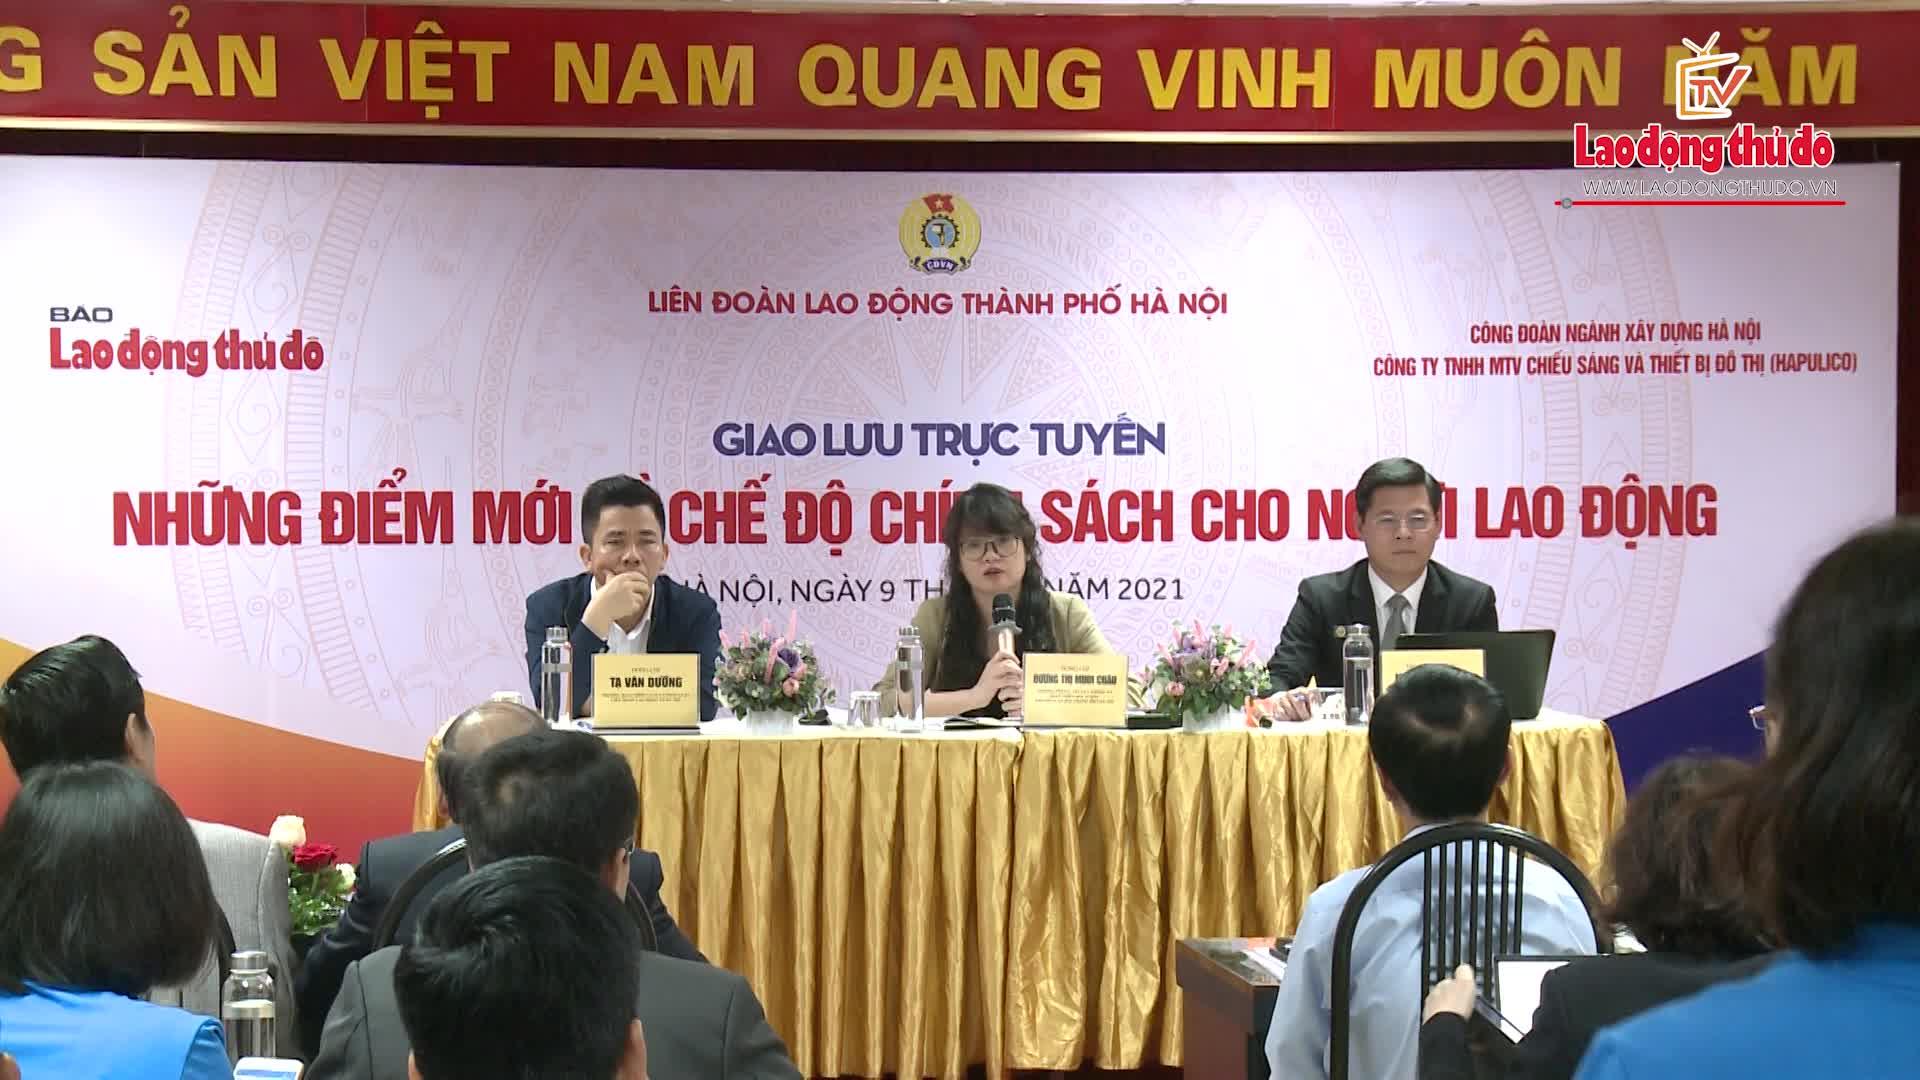 Tư vấn pháp luật cho người lao động góp phần xây dựng mối quan hệ hài hòa với doanh nghiệp